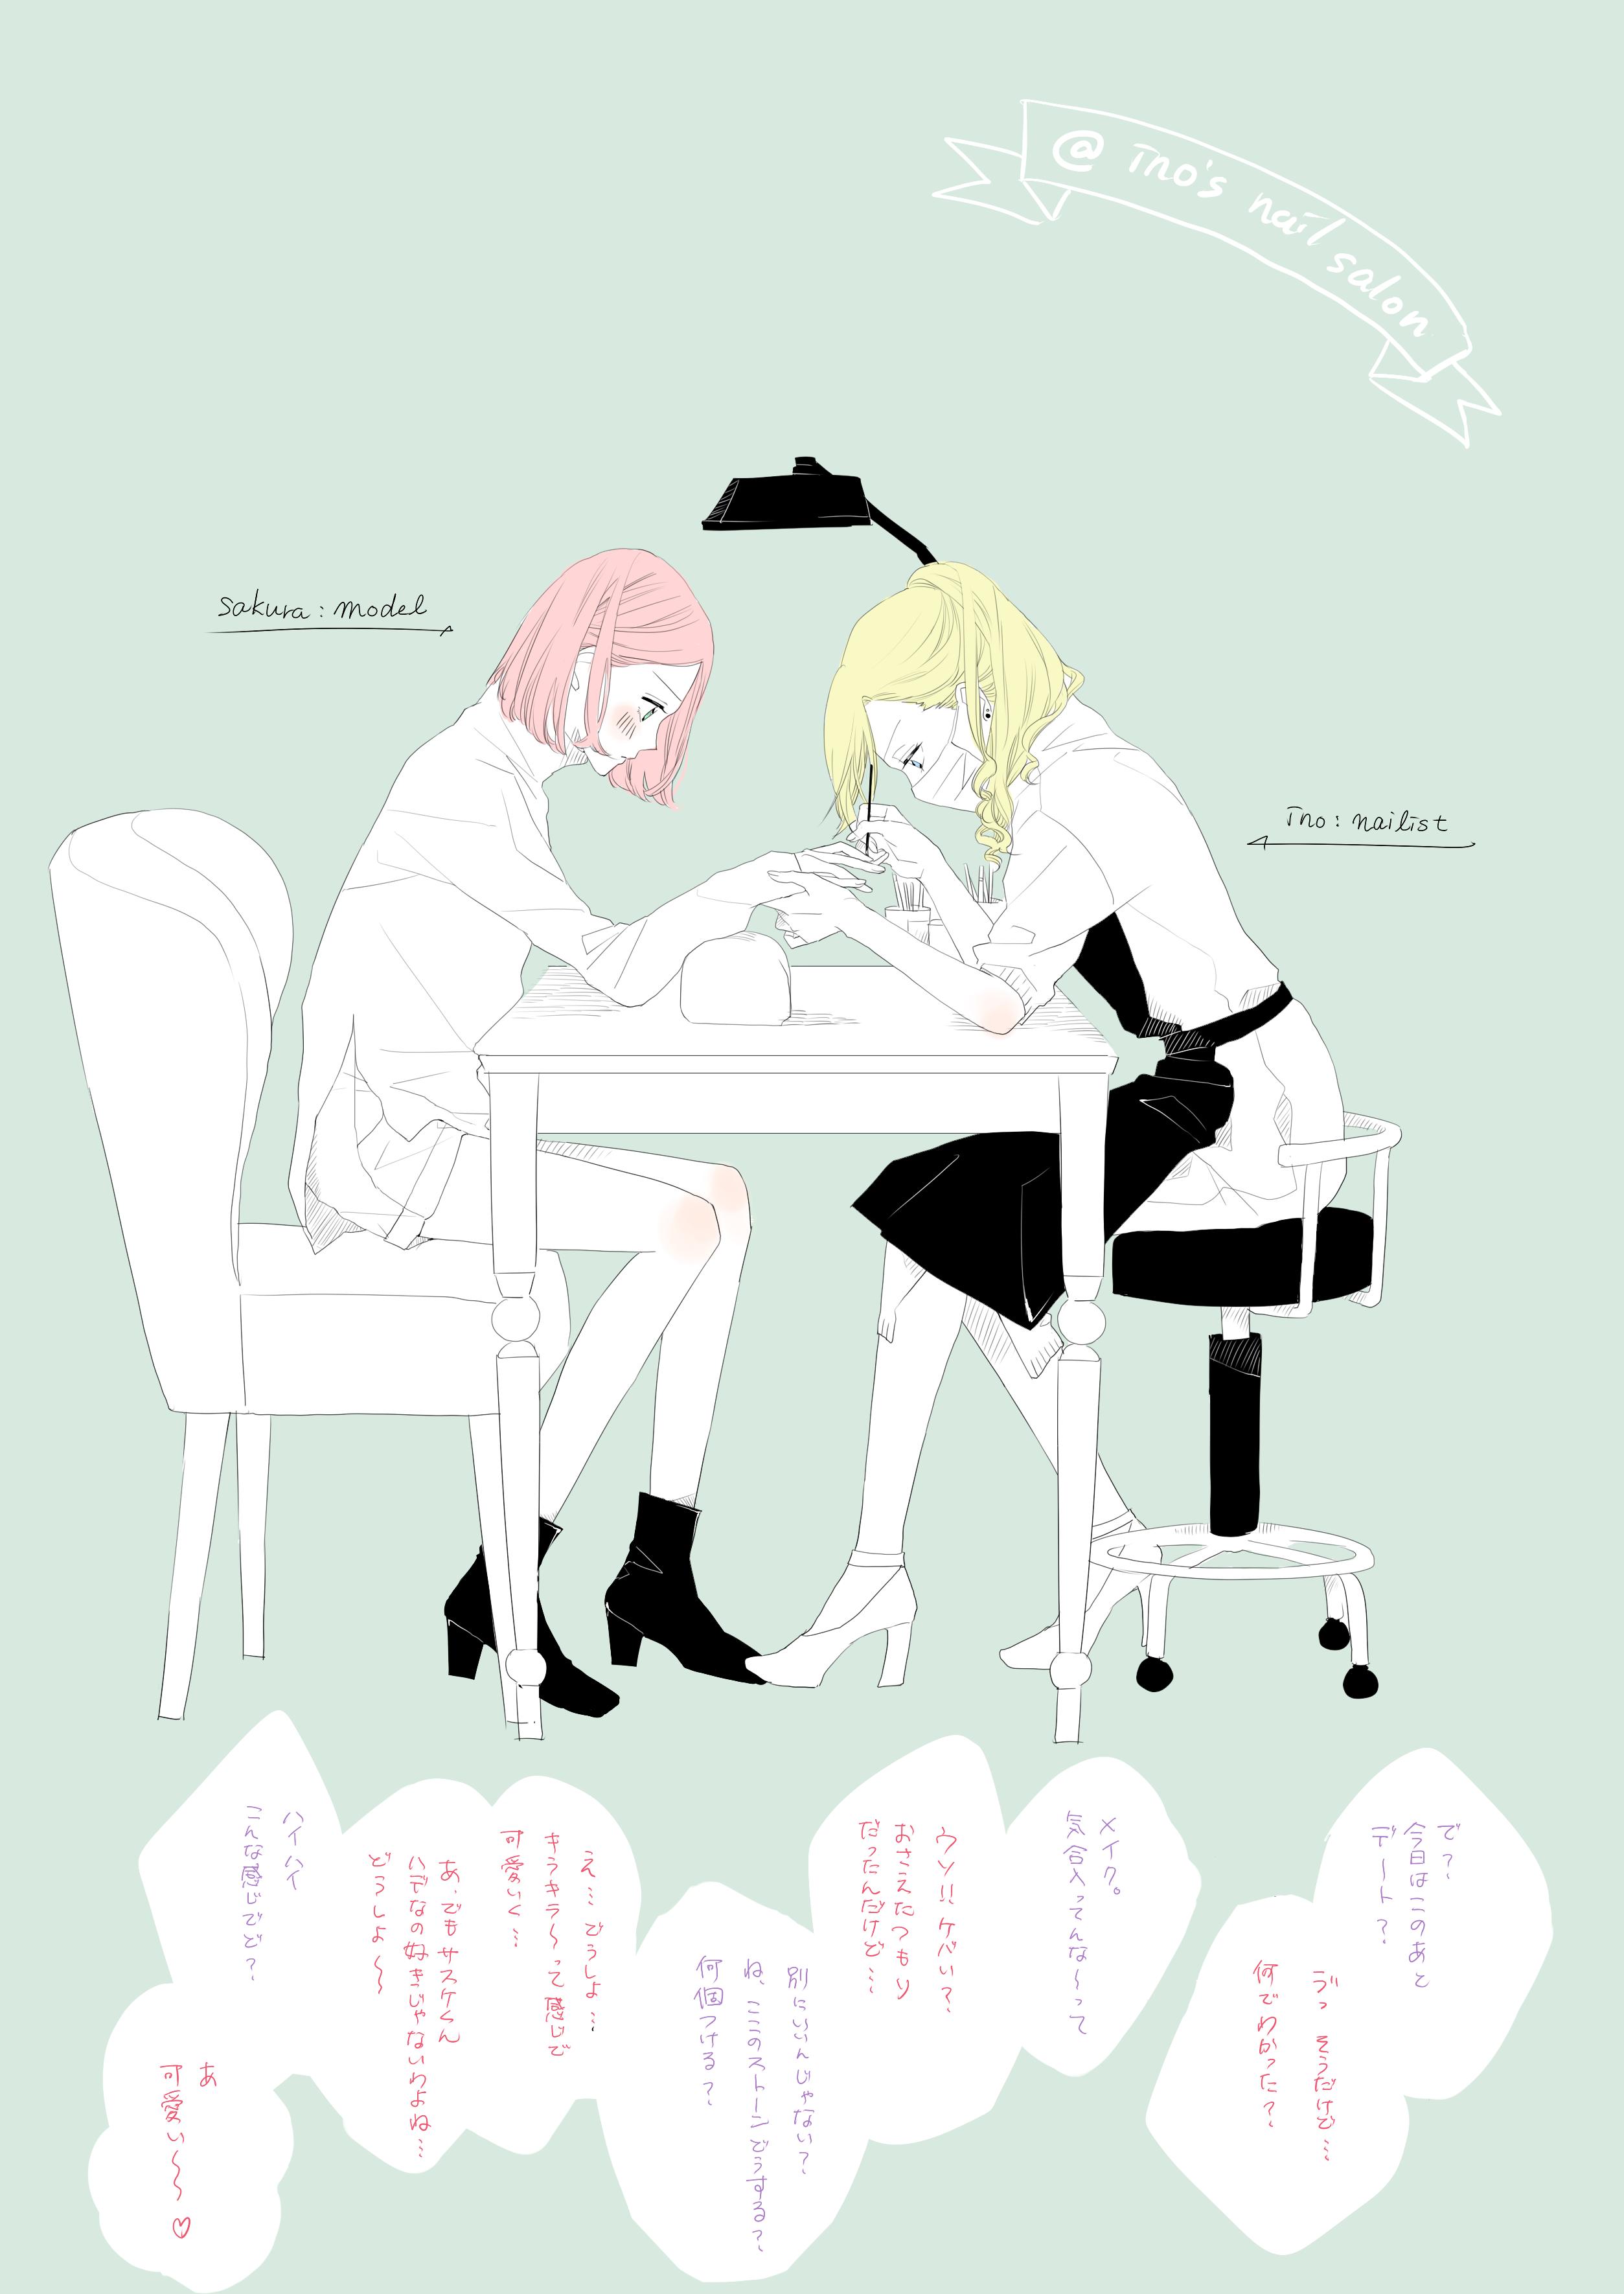 サスサク r18 pixiv 漫画